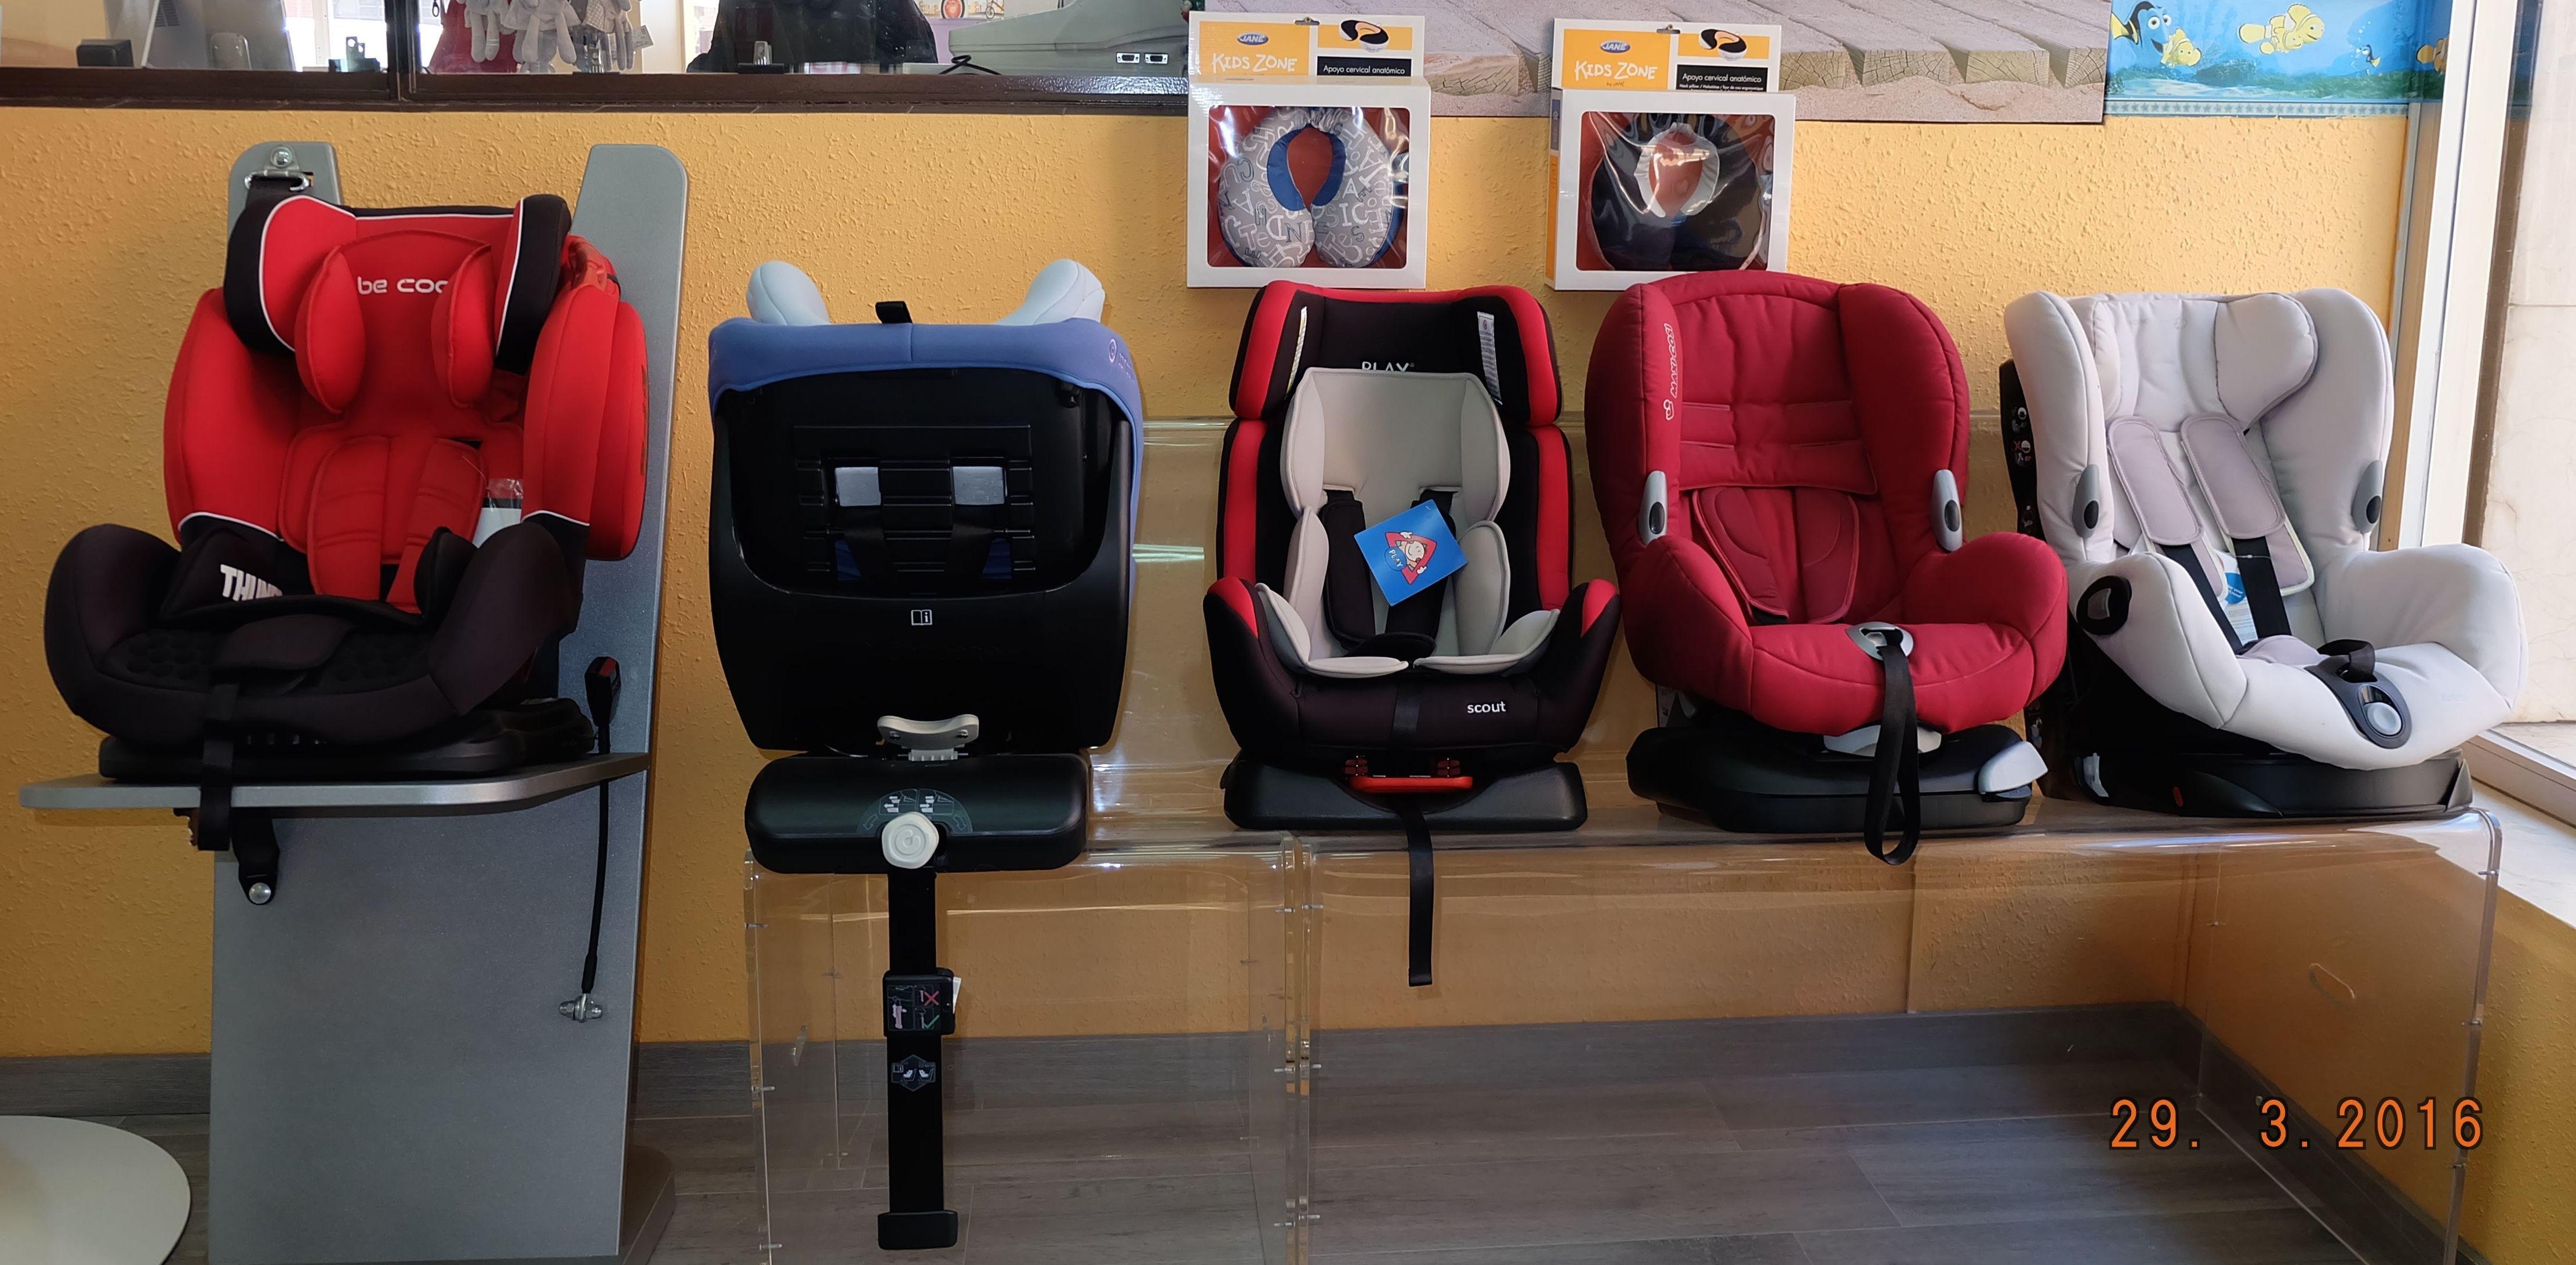 Foto 39 de Mobiliario infantil en L'Hospitalet de Llobregat | Materna|Productos para bebé con los precios más bajos